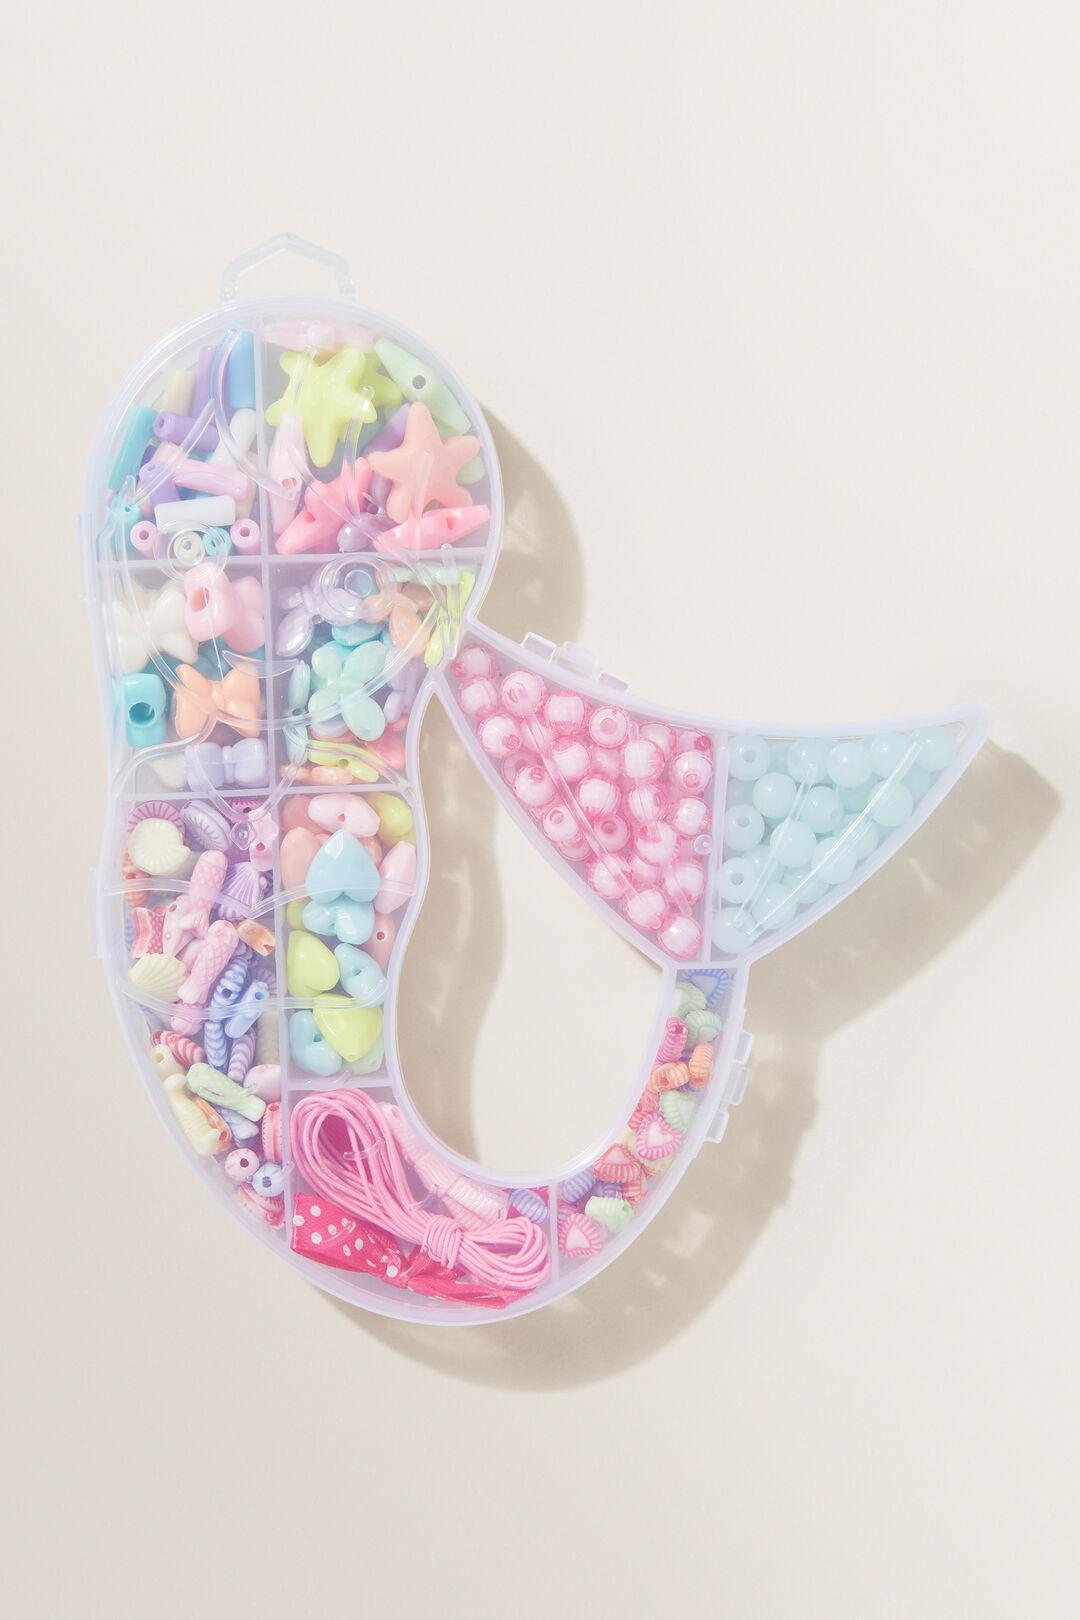 Mermaid DIY Jewel Kit  MULTI  hi-res